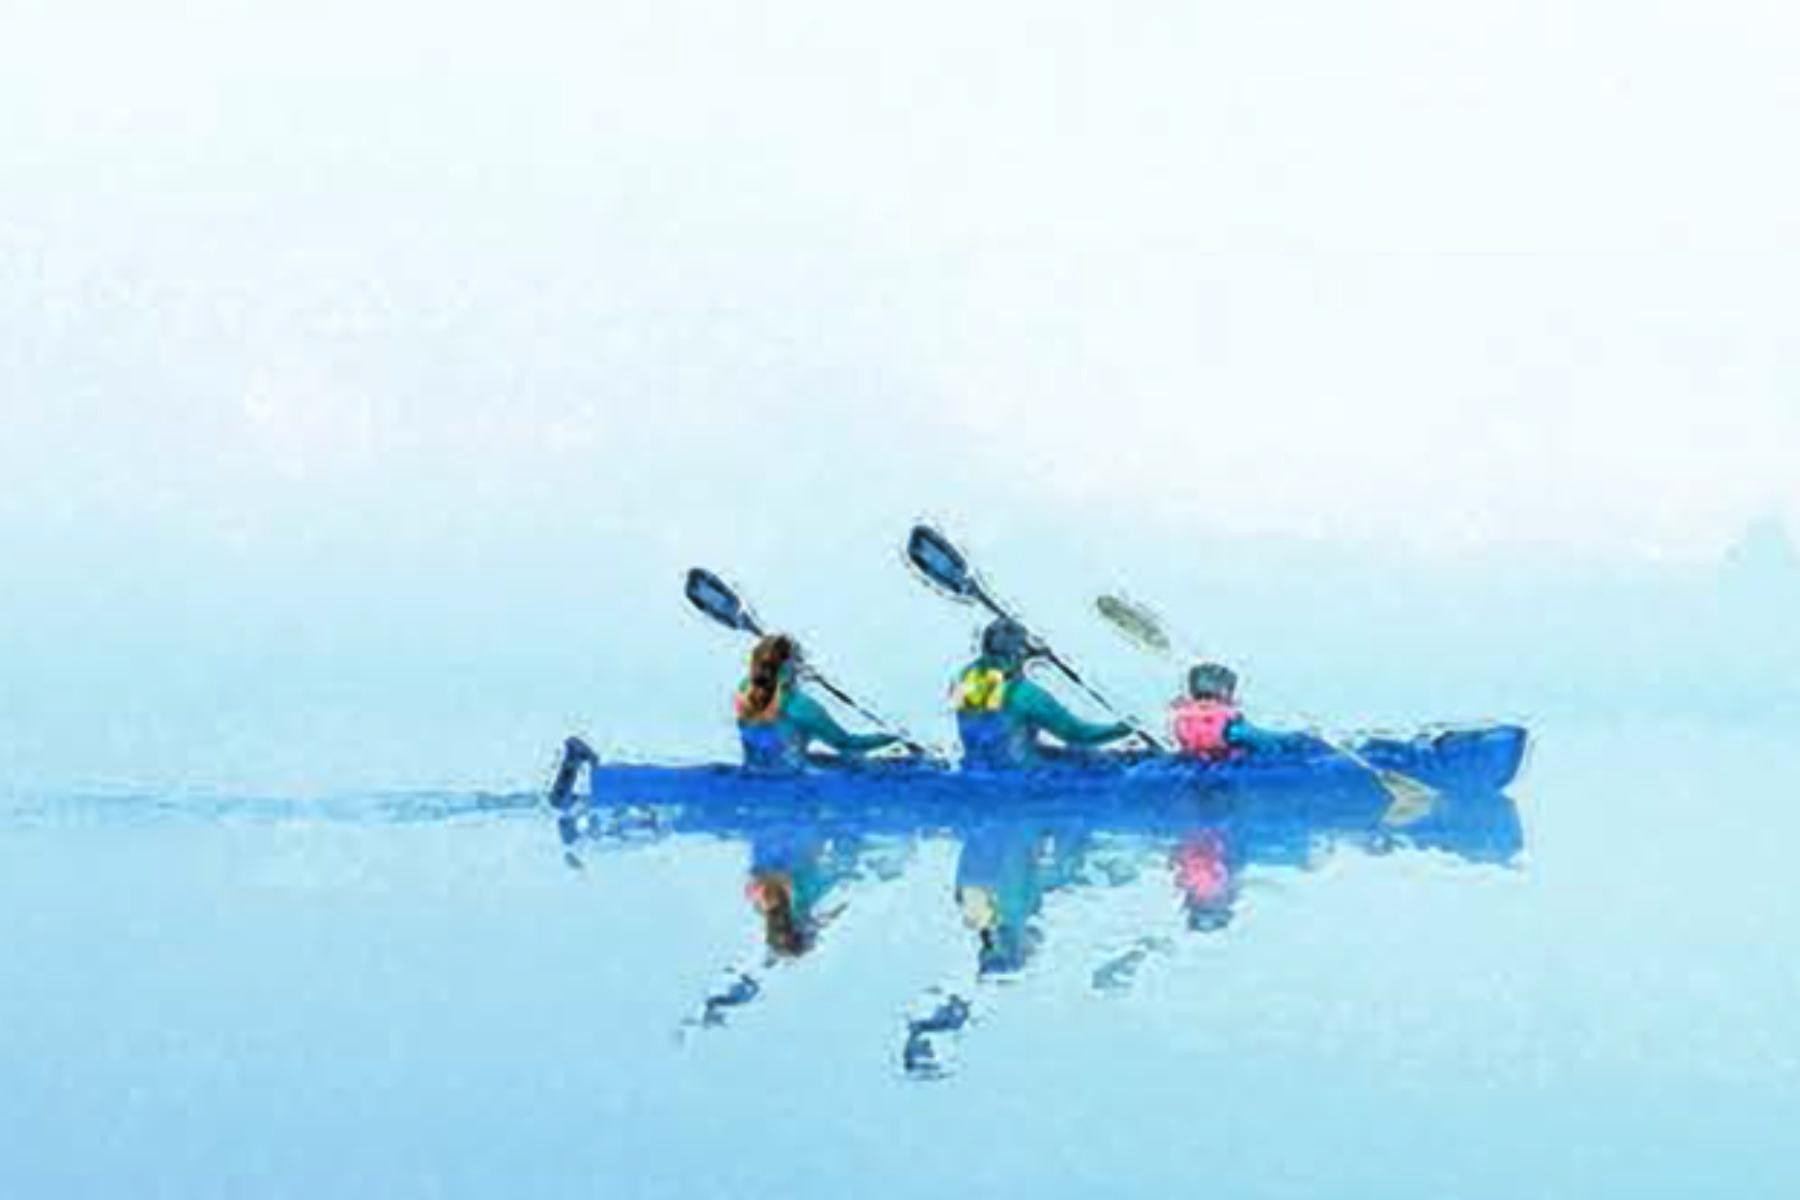 Canoe on foggy lake